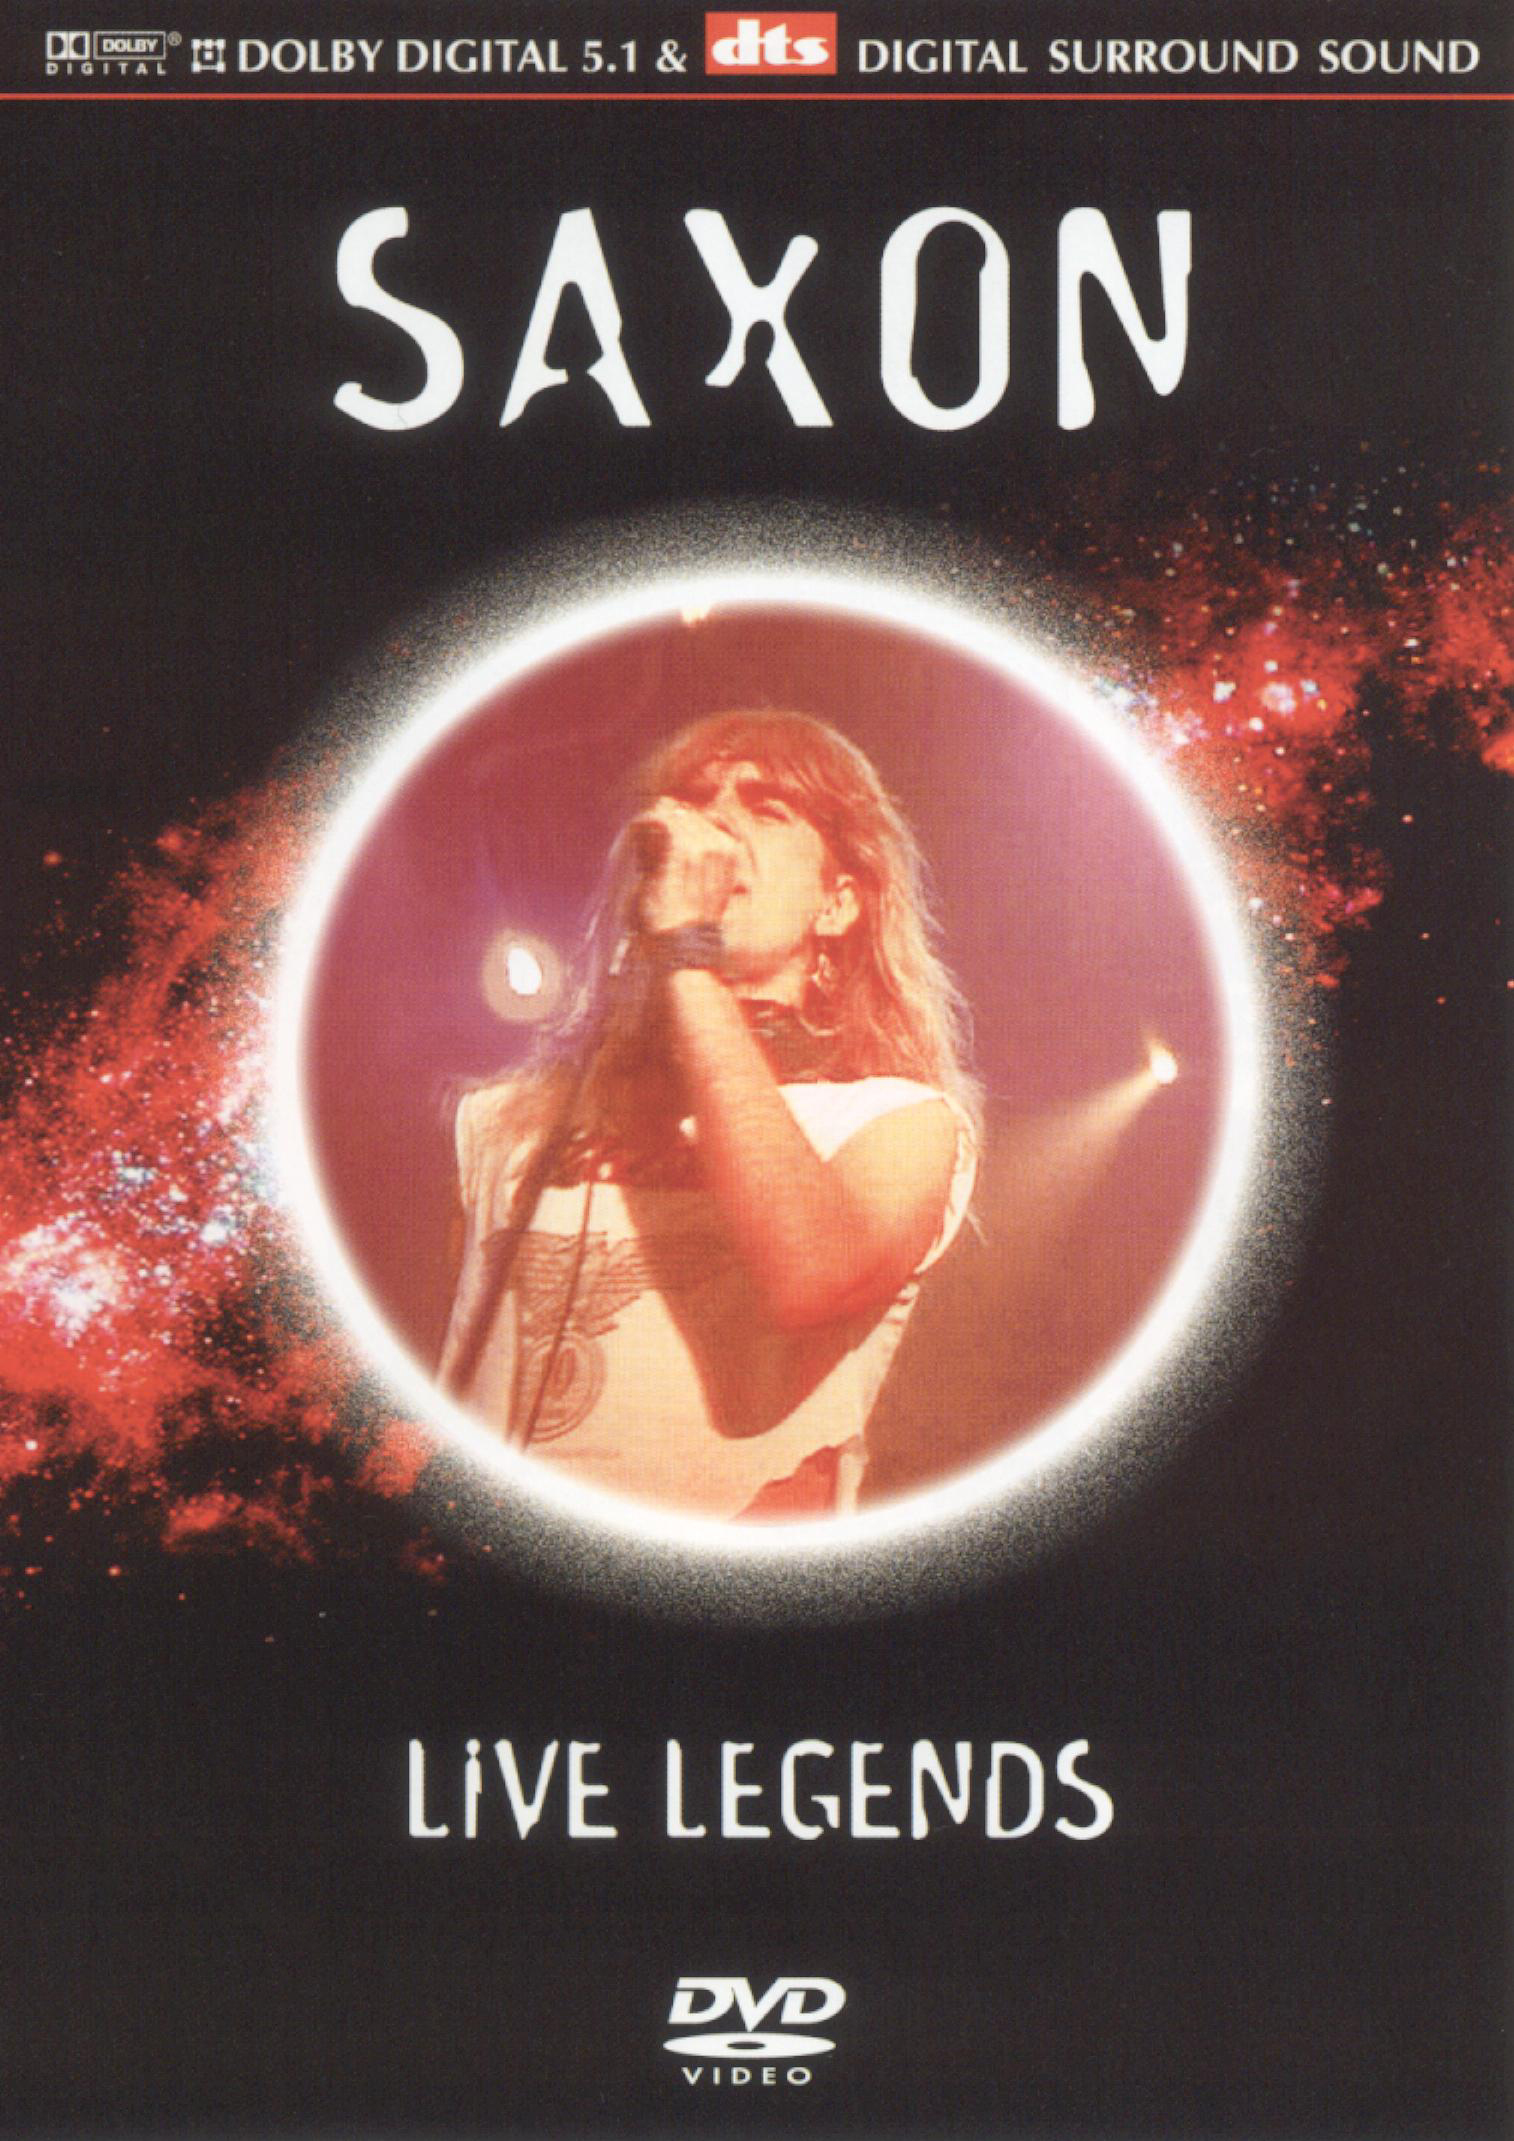 Saxon: Live Legends